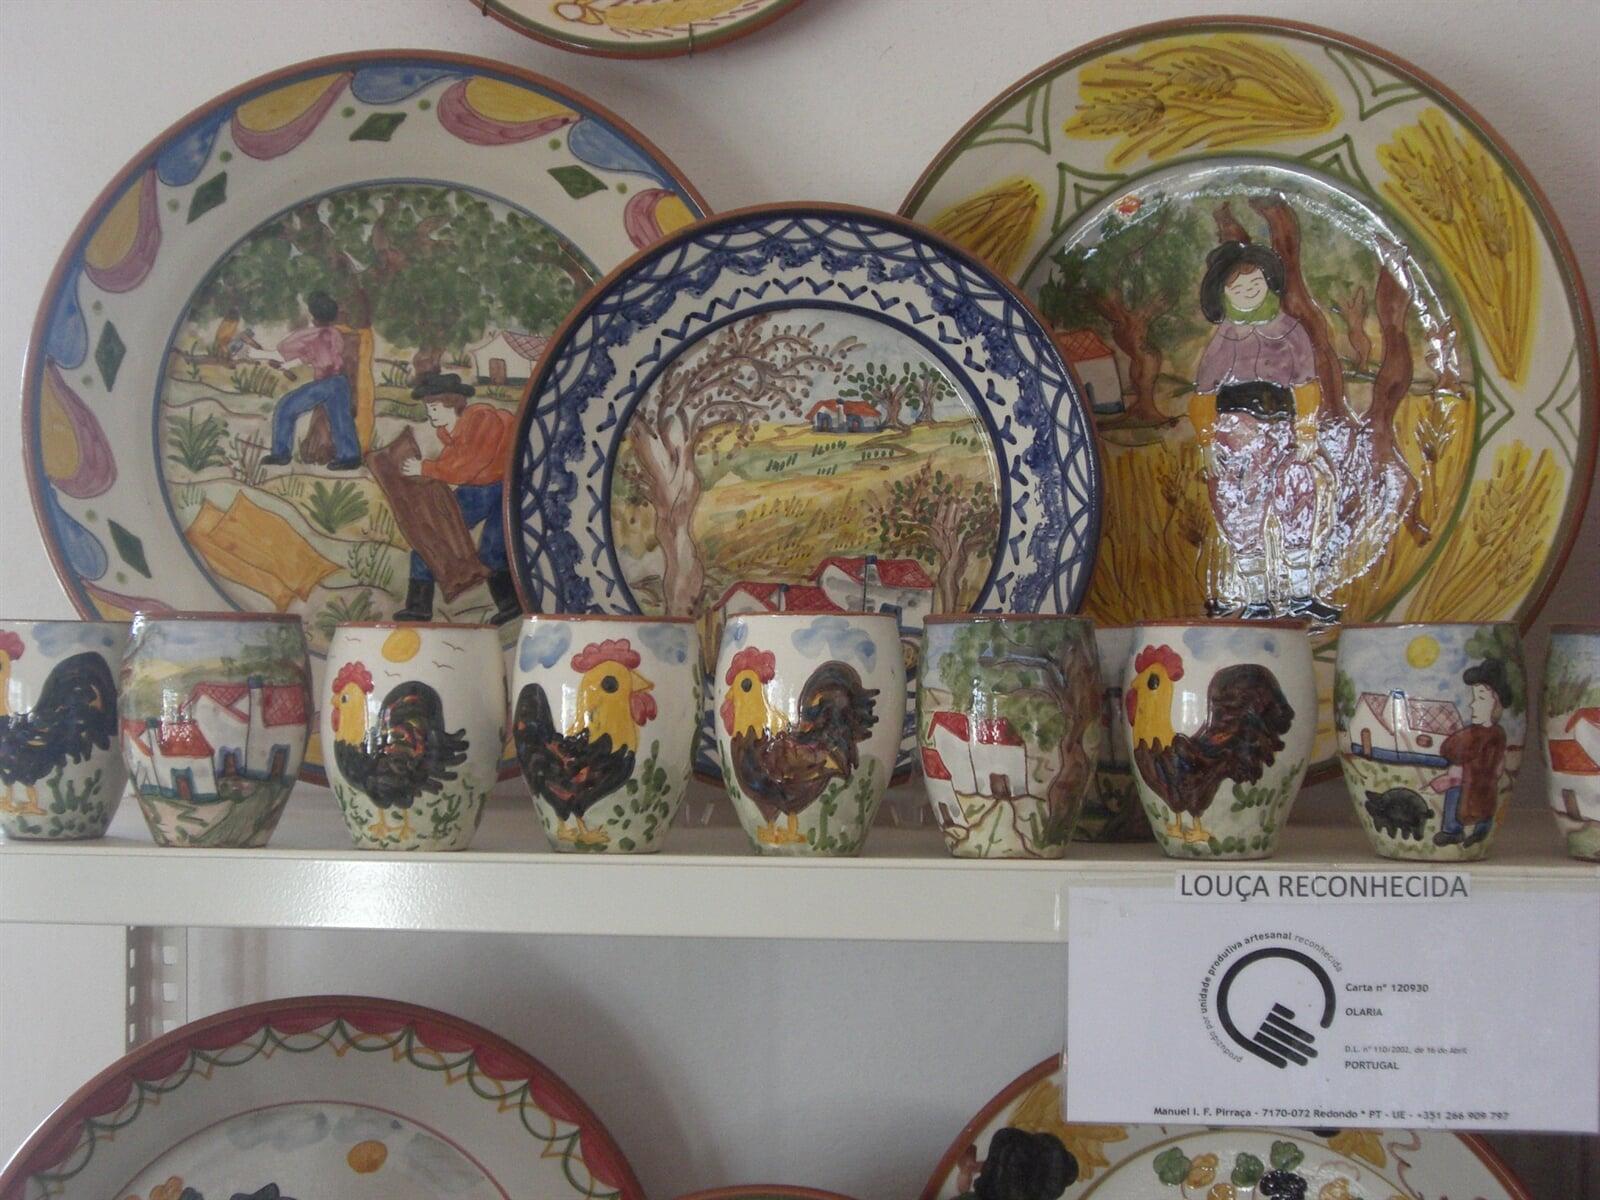 Pirraça Handmade Pottery of Alentejo Portugal